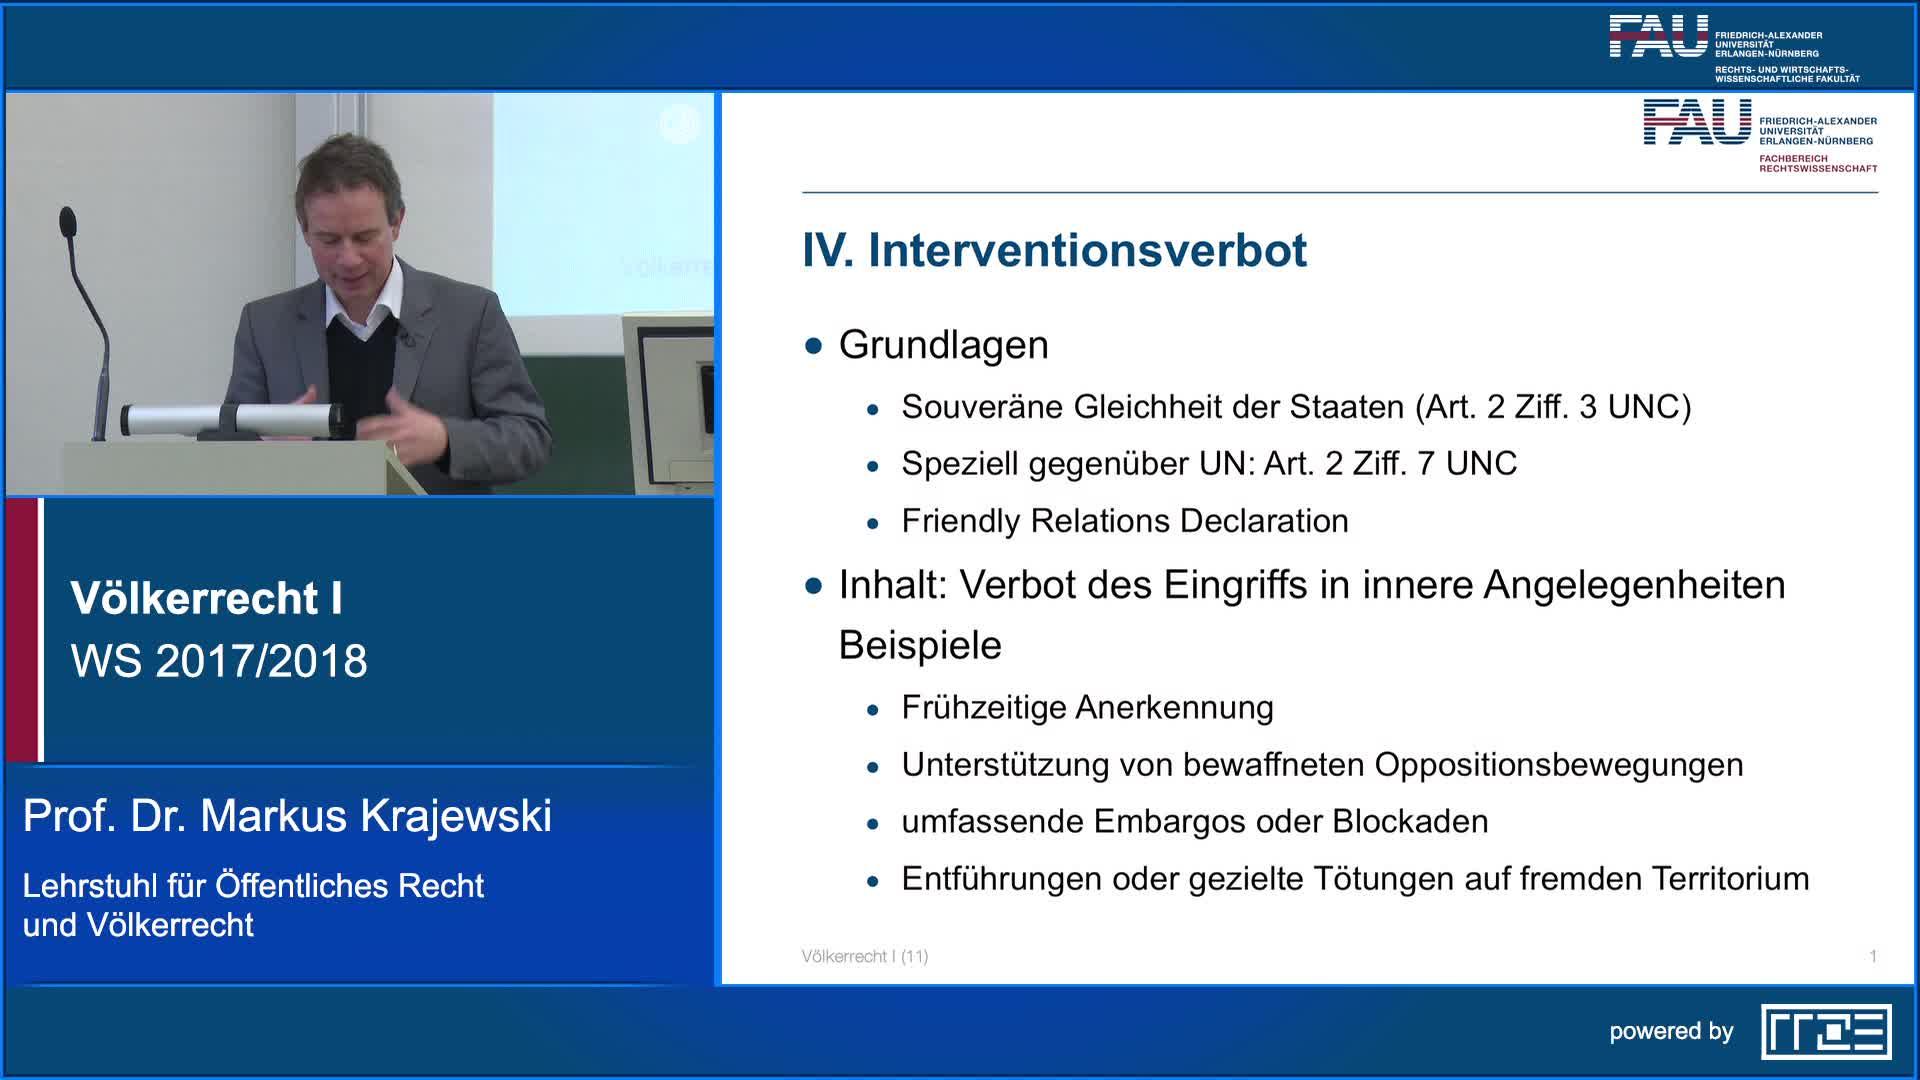 Völkerrecht I preview image